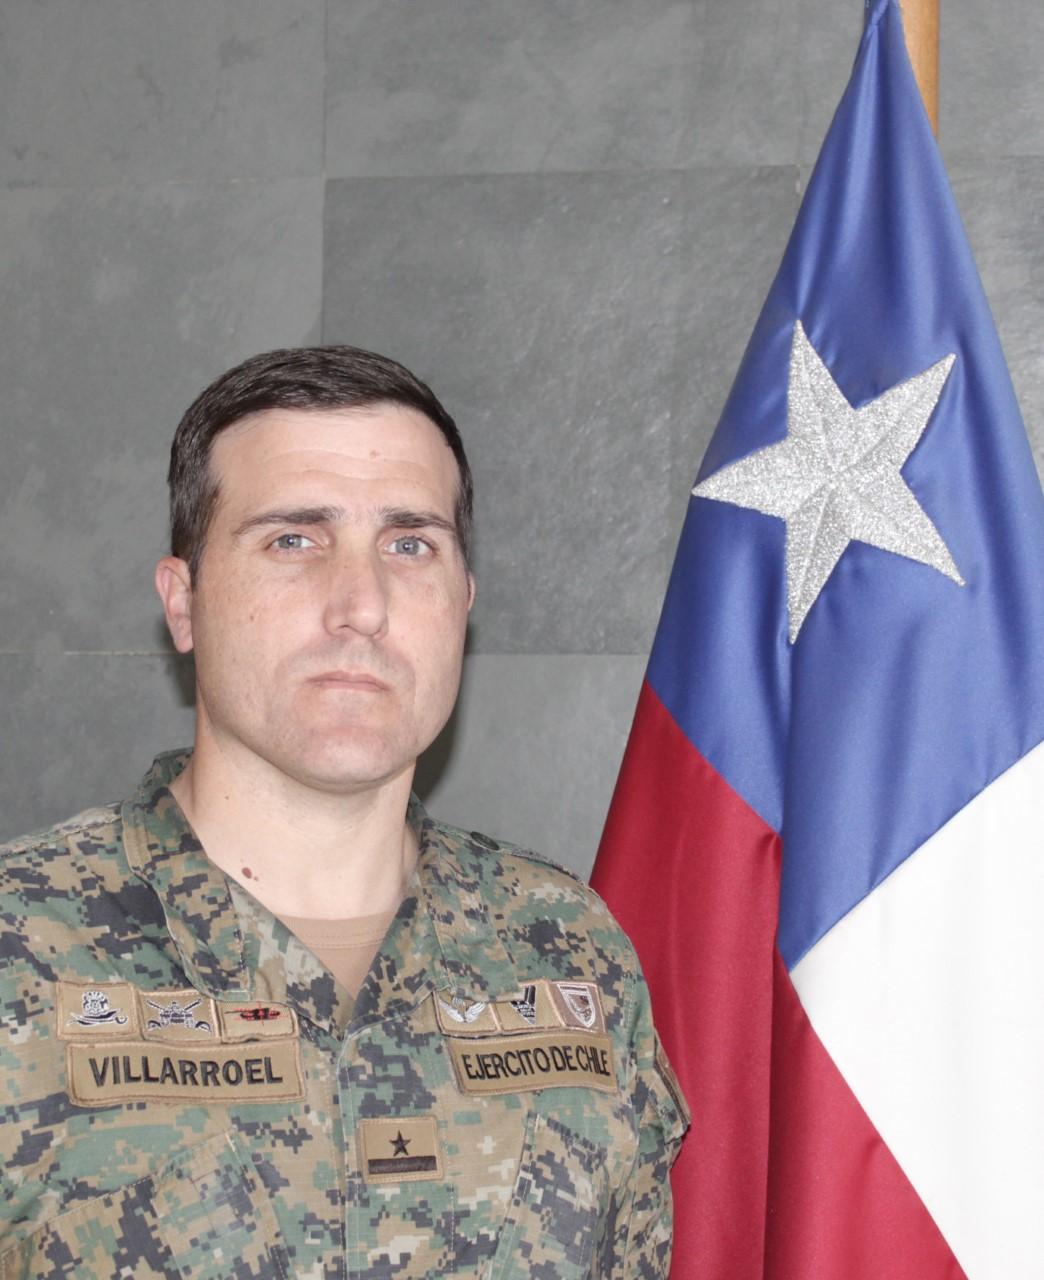 Mayor Alberto Villarroel Rivera